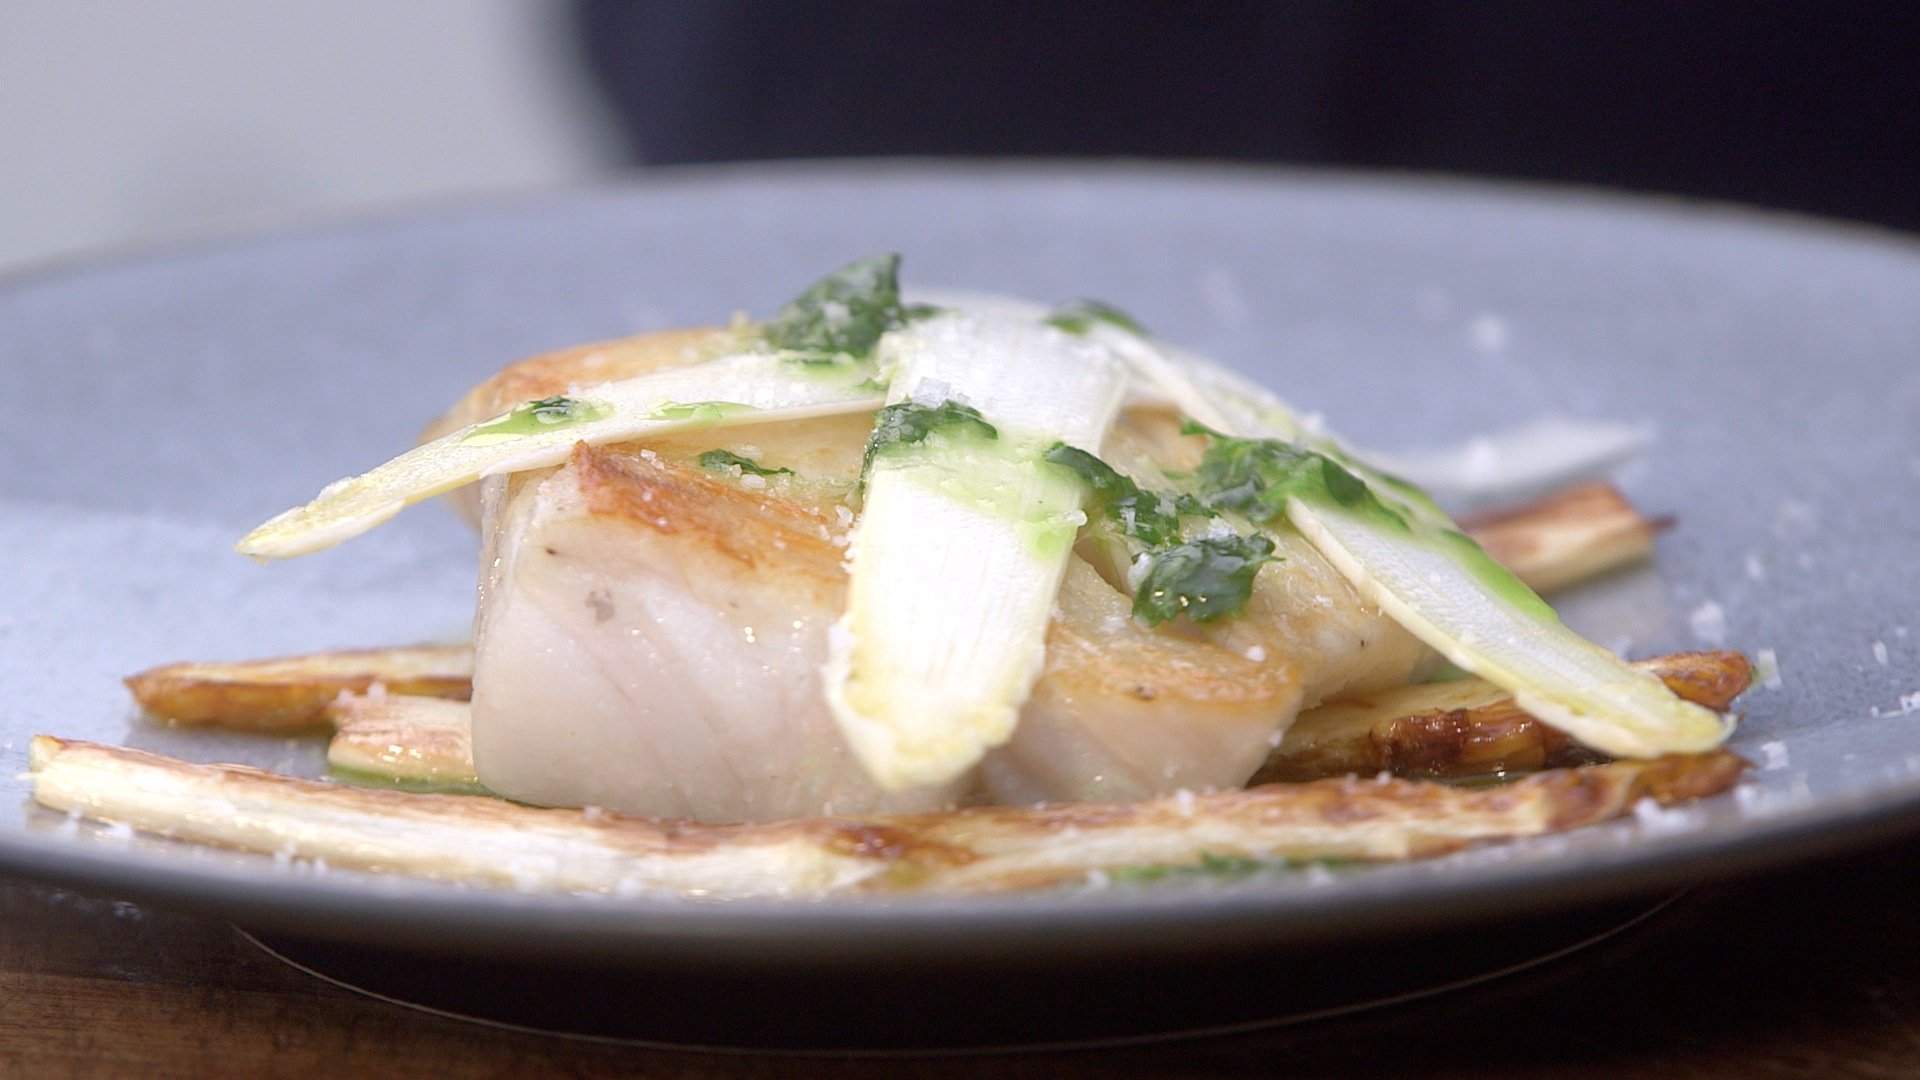 Ma recette de lieu jaune asperges blanches sauce verte - Recette cuisine tf1 petit plat en equilibre ...